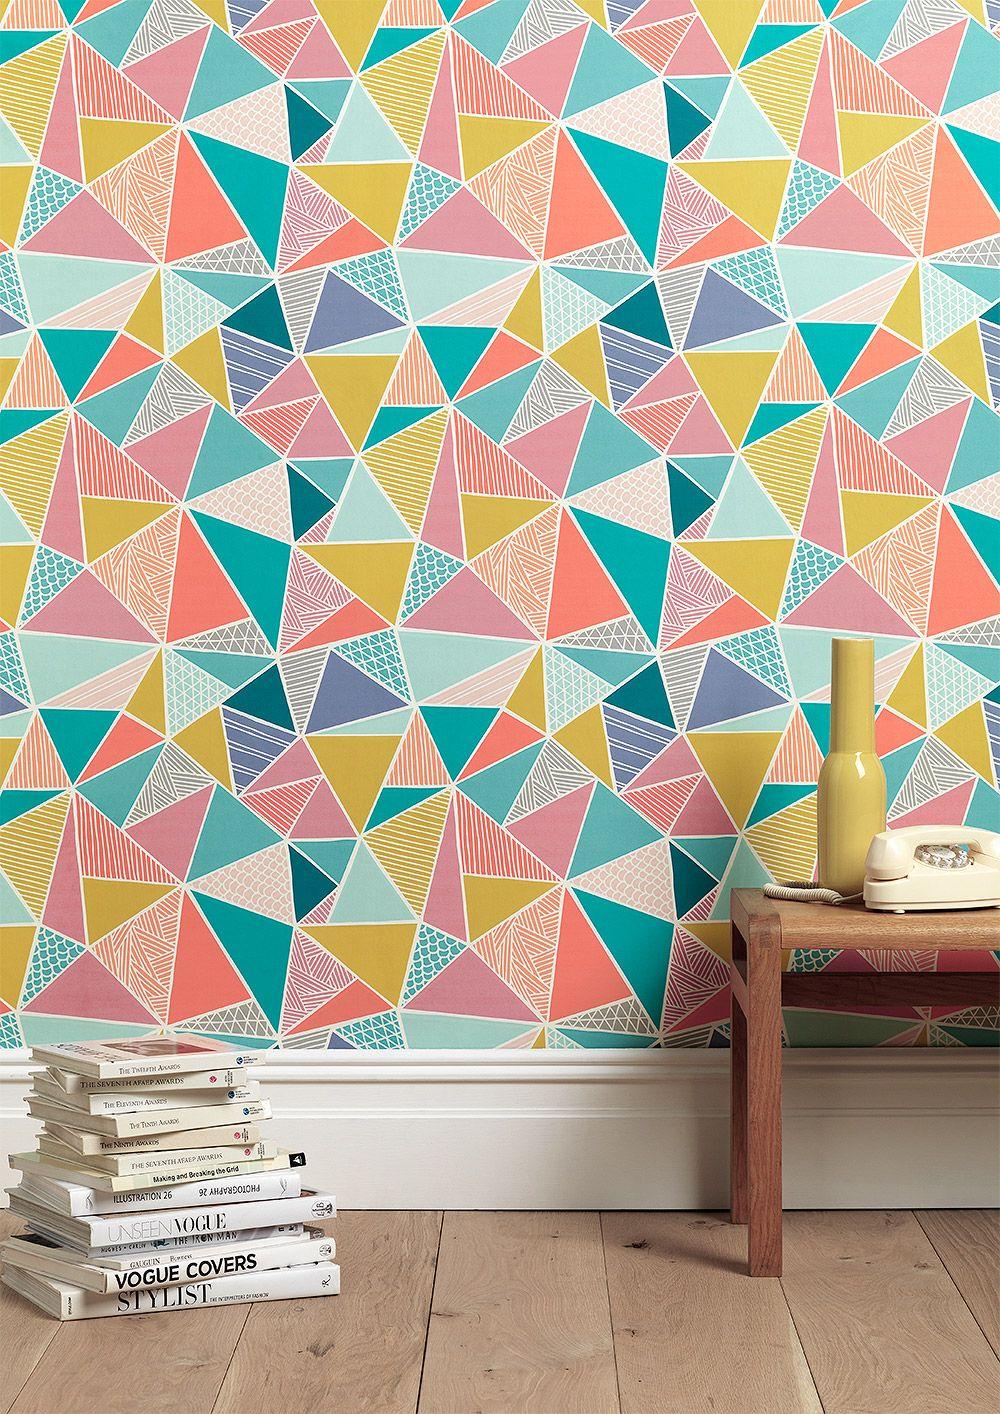 papier peint triangles patterns pinterest papier peint peindre et mur. Black Bedroom Furniture Sets. Home Design Ideas